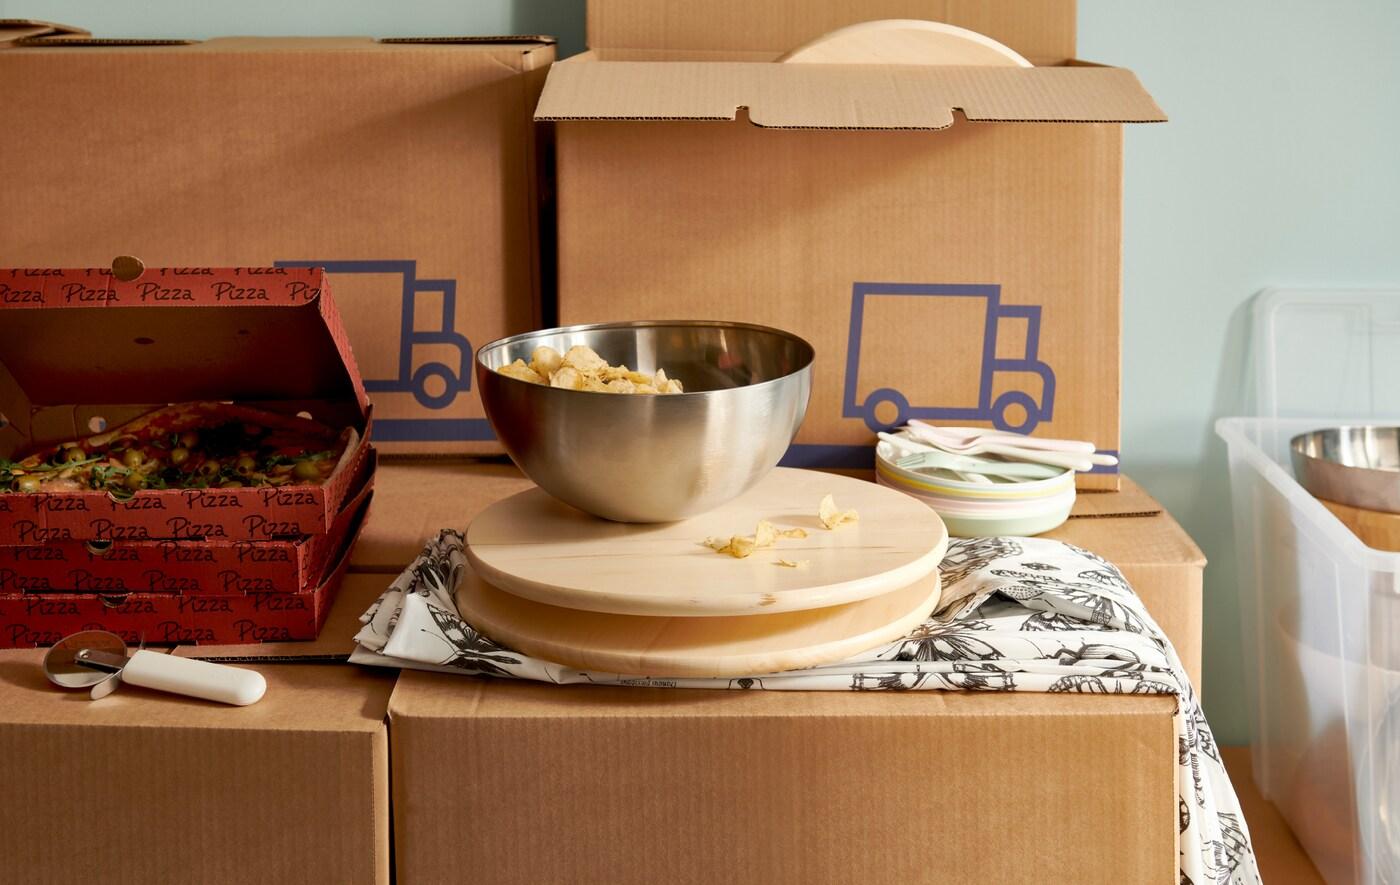 Pizza în cutii de carton și un platou rotativi pe care se află gustări într-un bol BLANDA BLANK pe cutiile de ambalare JÄTTENE.